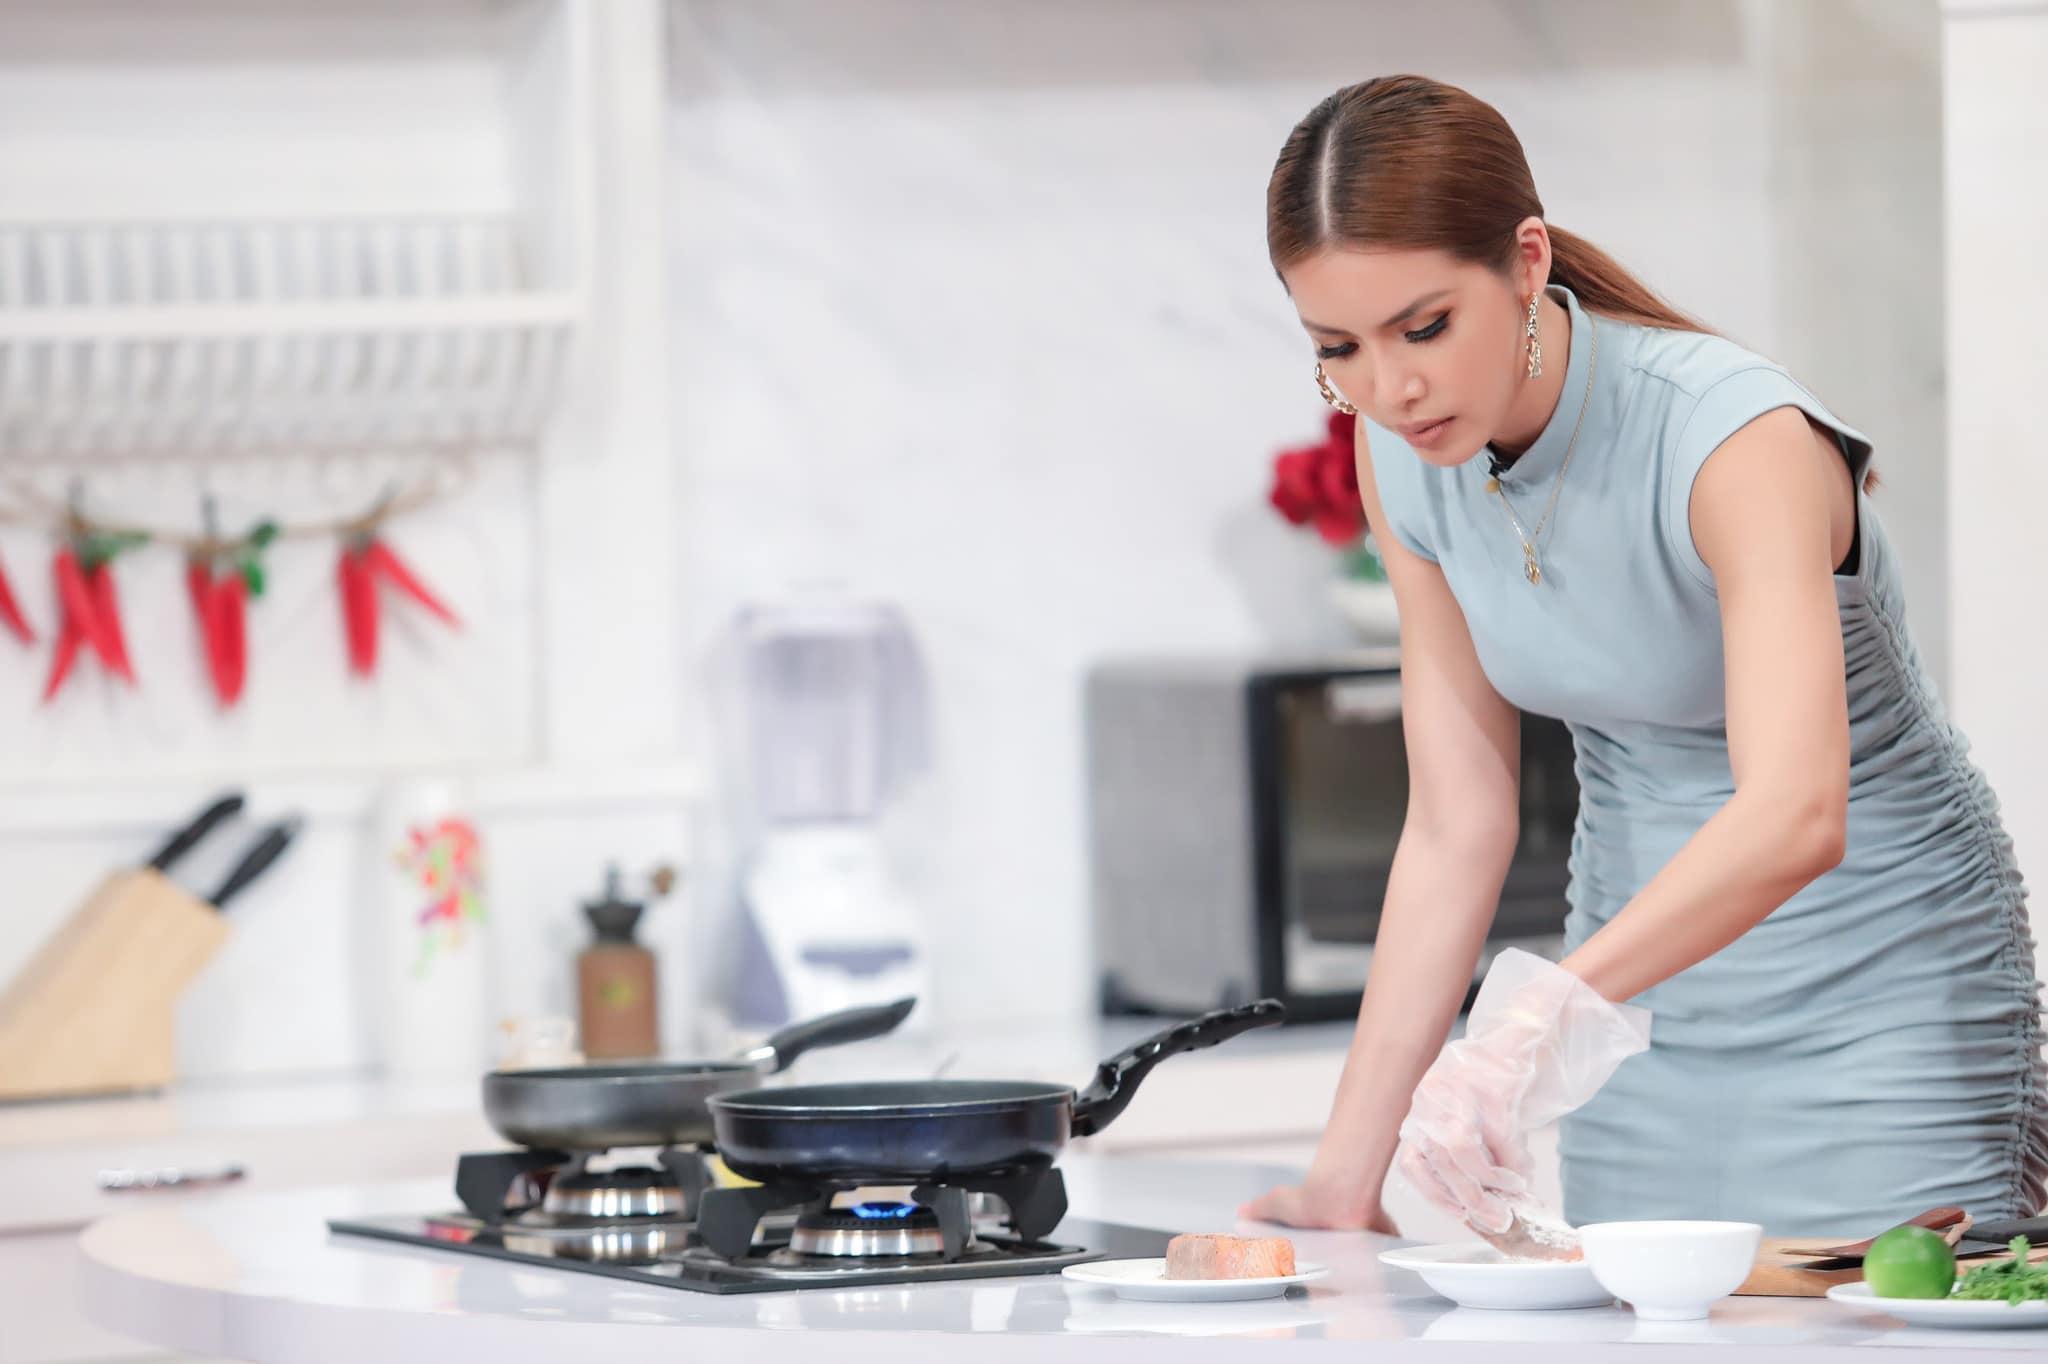 'Nữ hoàng gợi cảm' Minh Tú: Làm đầu bếp cũng phải nóng bỏng như thế này mới chịu! Ảnh 1